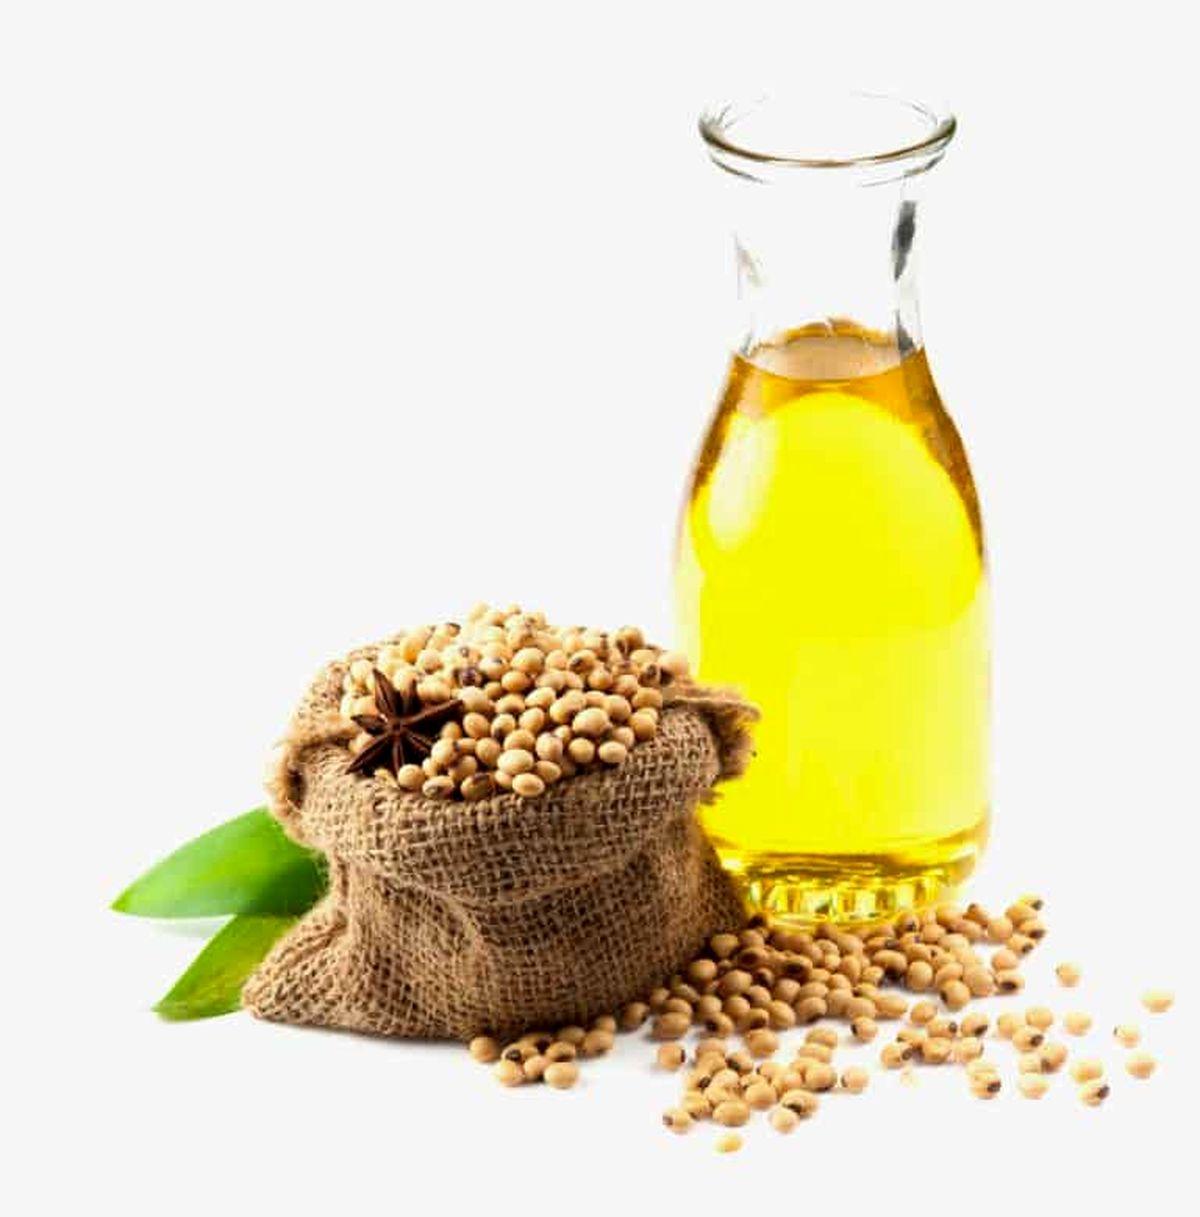 کشف بیش از 92 هزار کیلو روغن سویا در مازندران